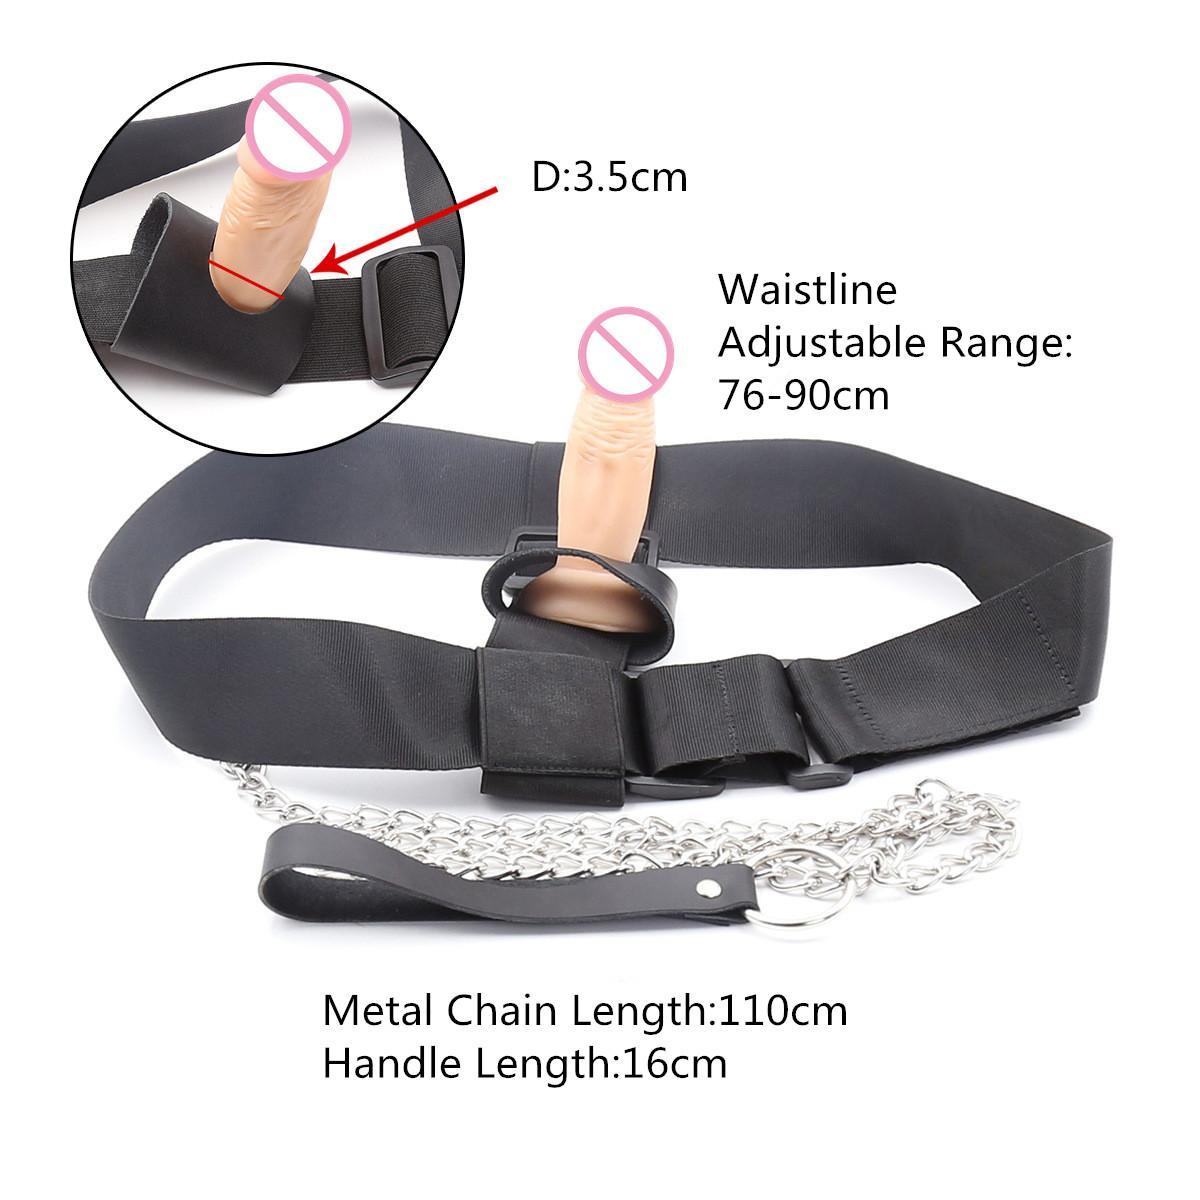 Erotico indossabile cintura cintura strapon Dildo Dildo Plum Panties anale con catena metallica per giocattoli sexy lesbici per giochi adulti